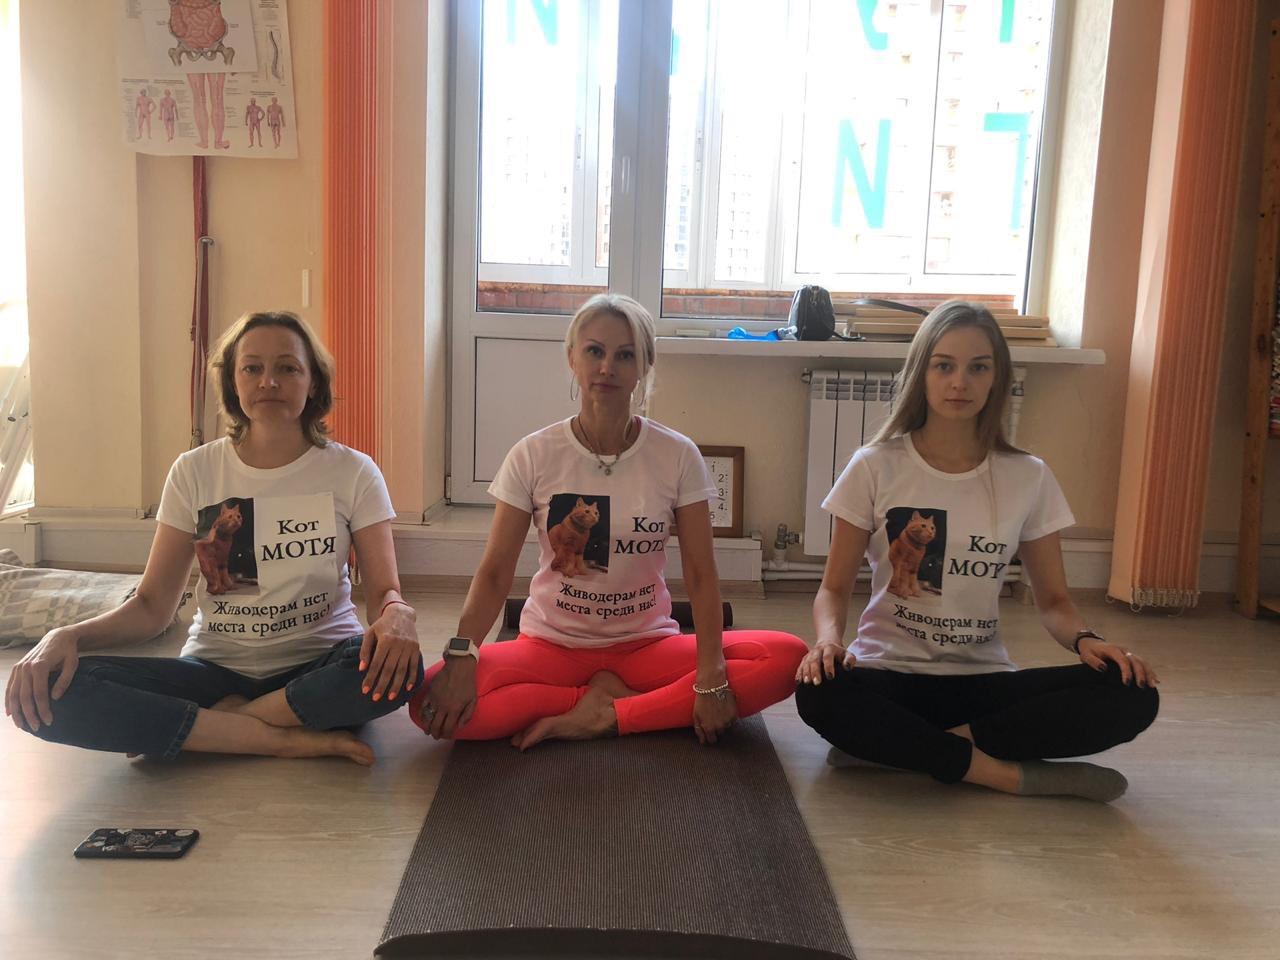 Хозяйка кота Ульяна Храмова (на фото слева) с радостью отреагировала на предложение провести акцию, поскольку считает, что огласка сейчас очень важна